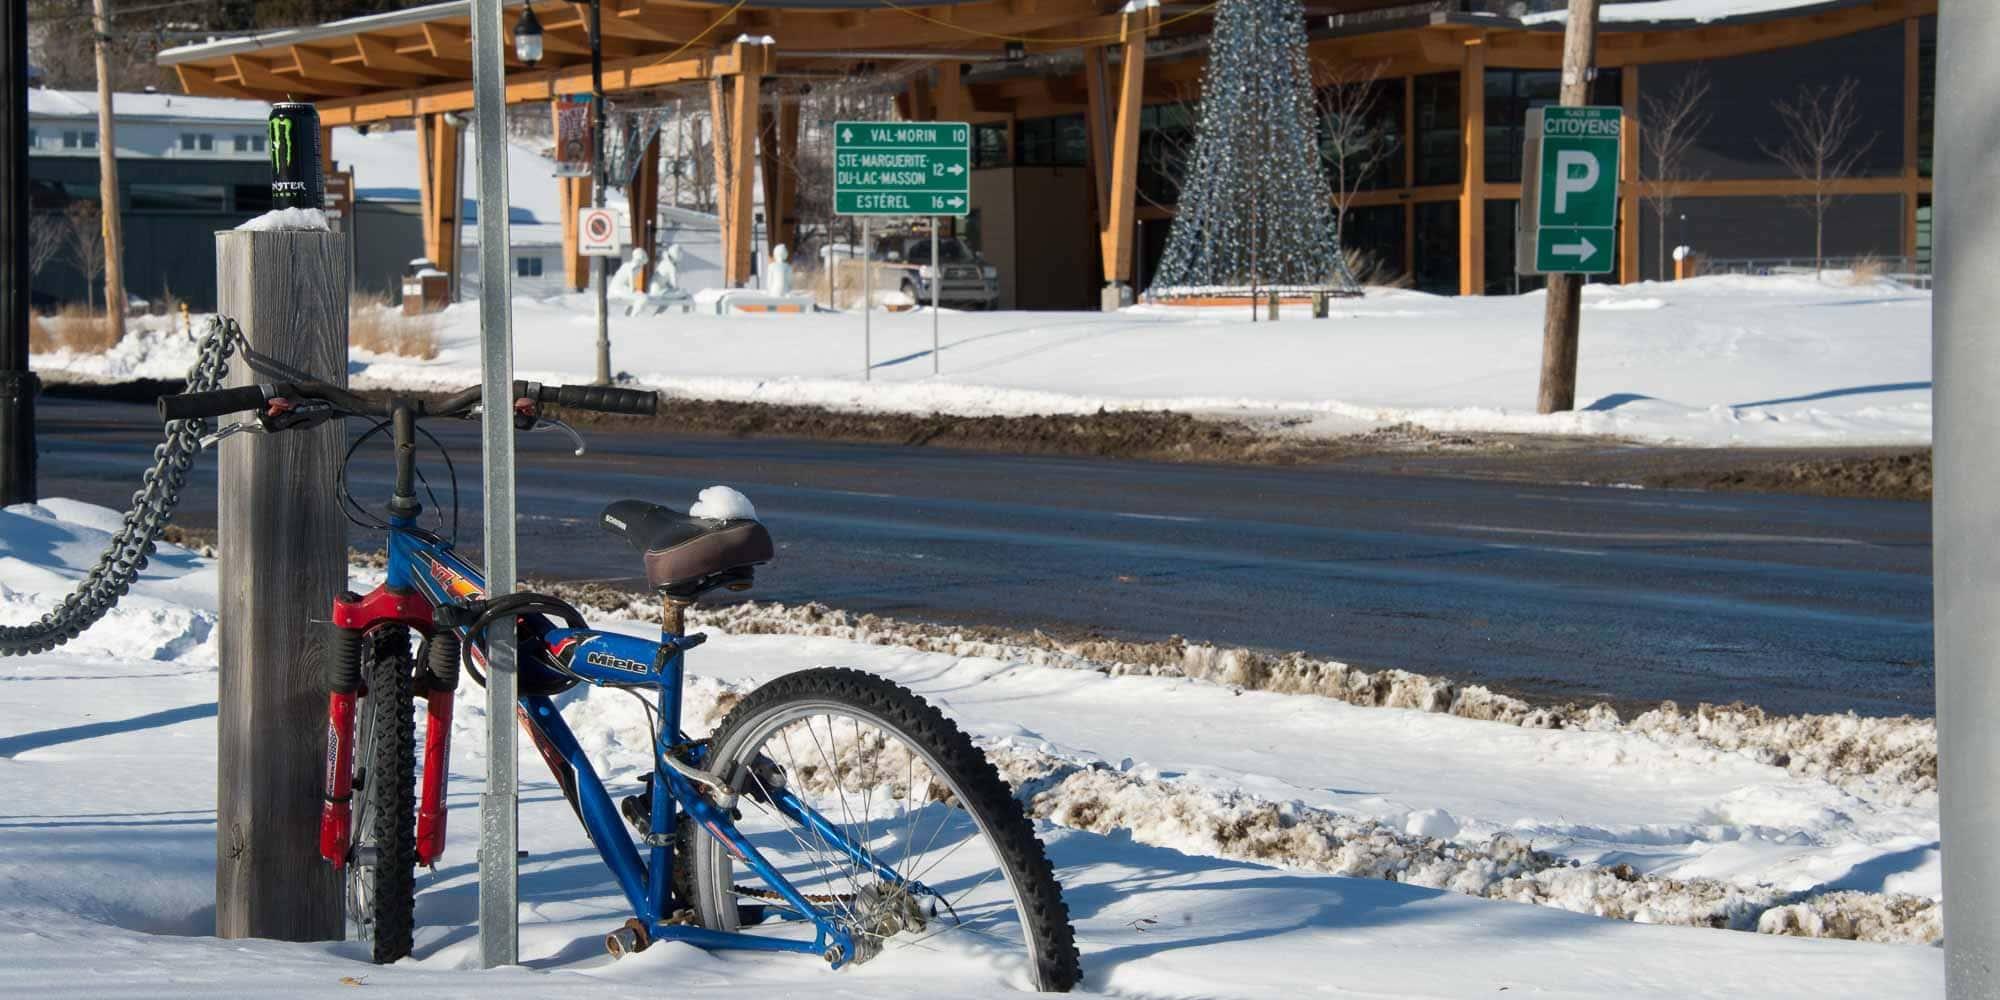 Cette bicyclette est abandonnée sur la route 117, au coin de la rue Bélec à Sainte-Adèle, le 20 janvier 2016.